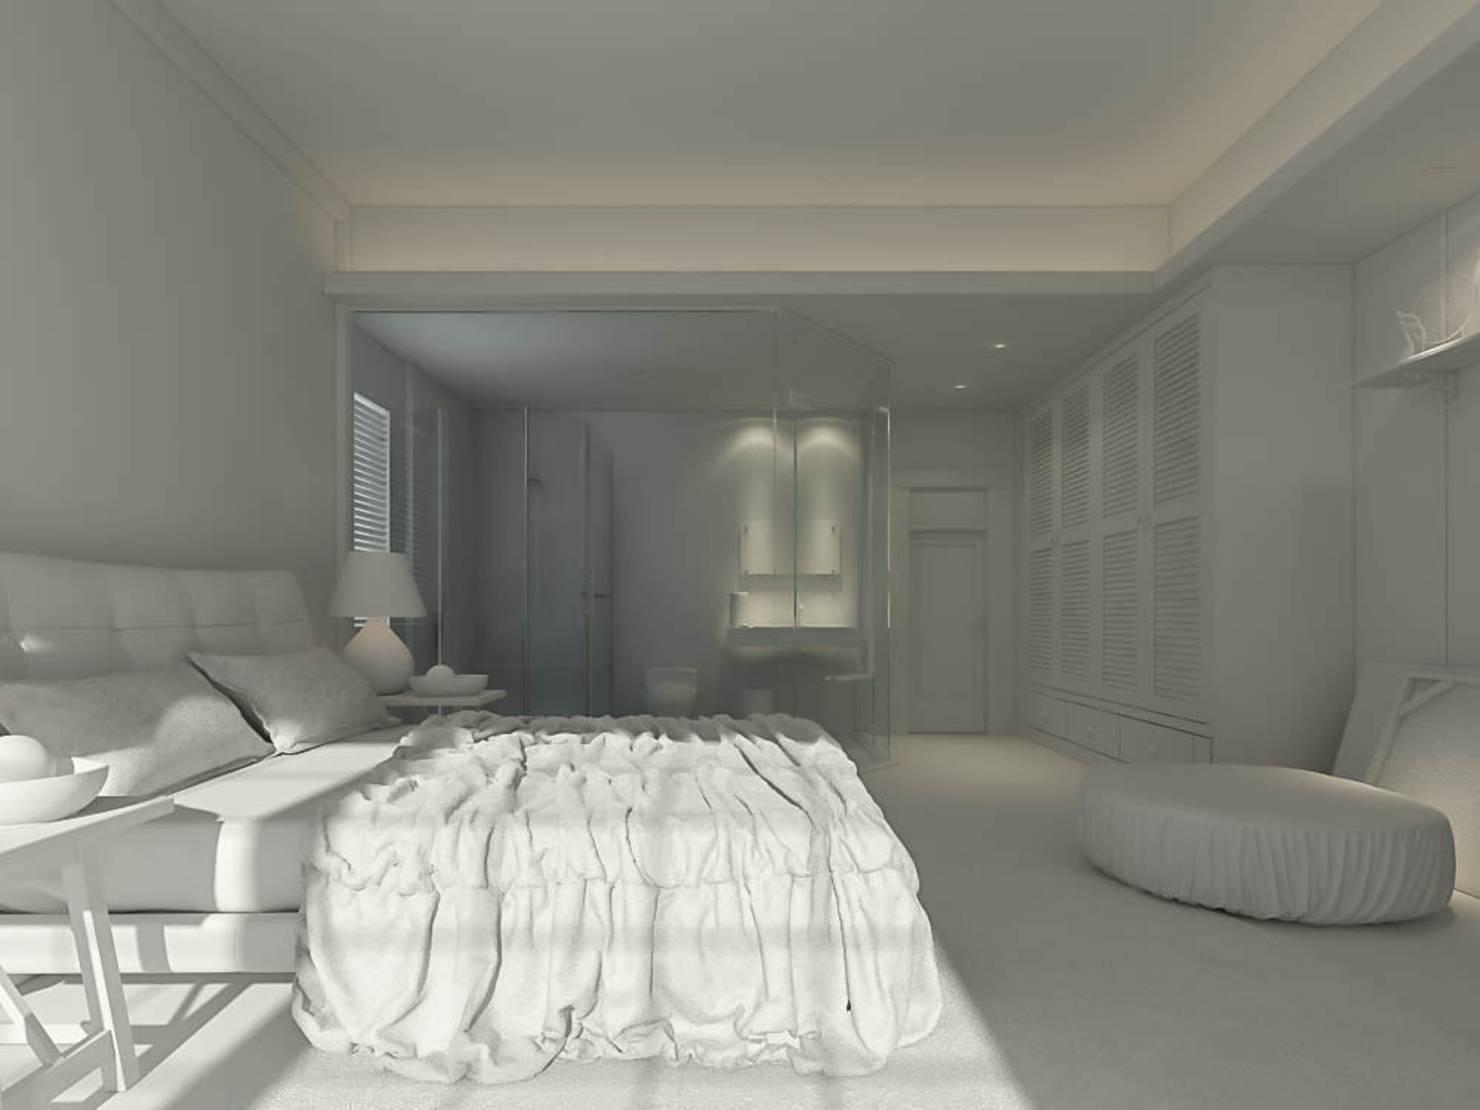 images-of-yatak-odasi-dekorasyonu-icin-heyecanli-fikirler-19 Yatak Odası Dekorasyonu için Heyecanlı Fikirler